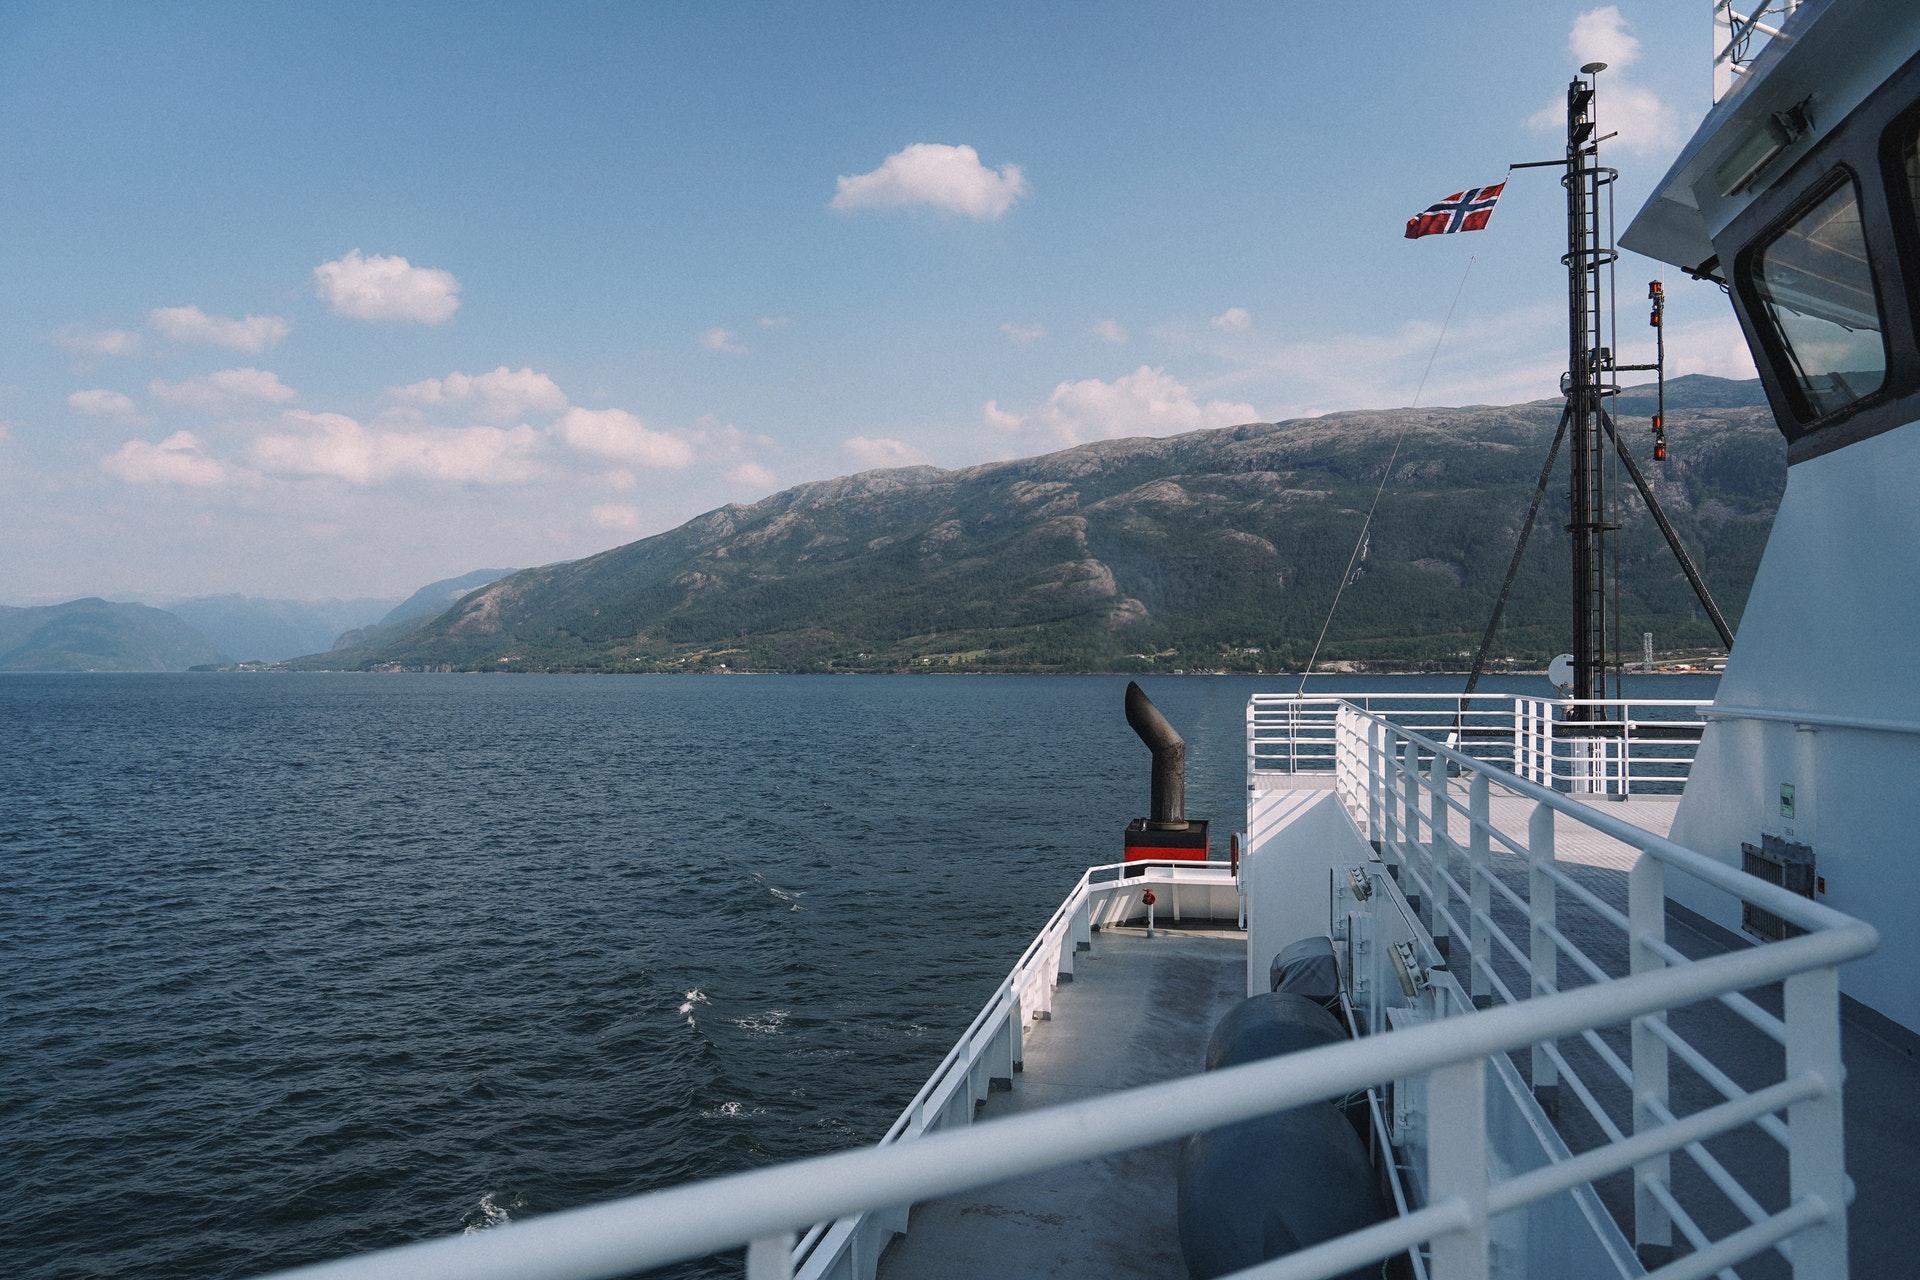 Trajektna linija Zadar-Ancona pomaže pri izvozu ribe u Italiju